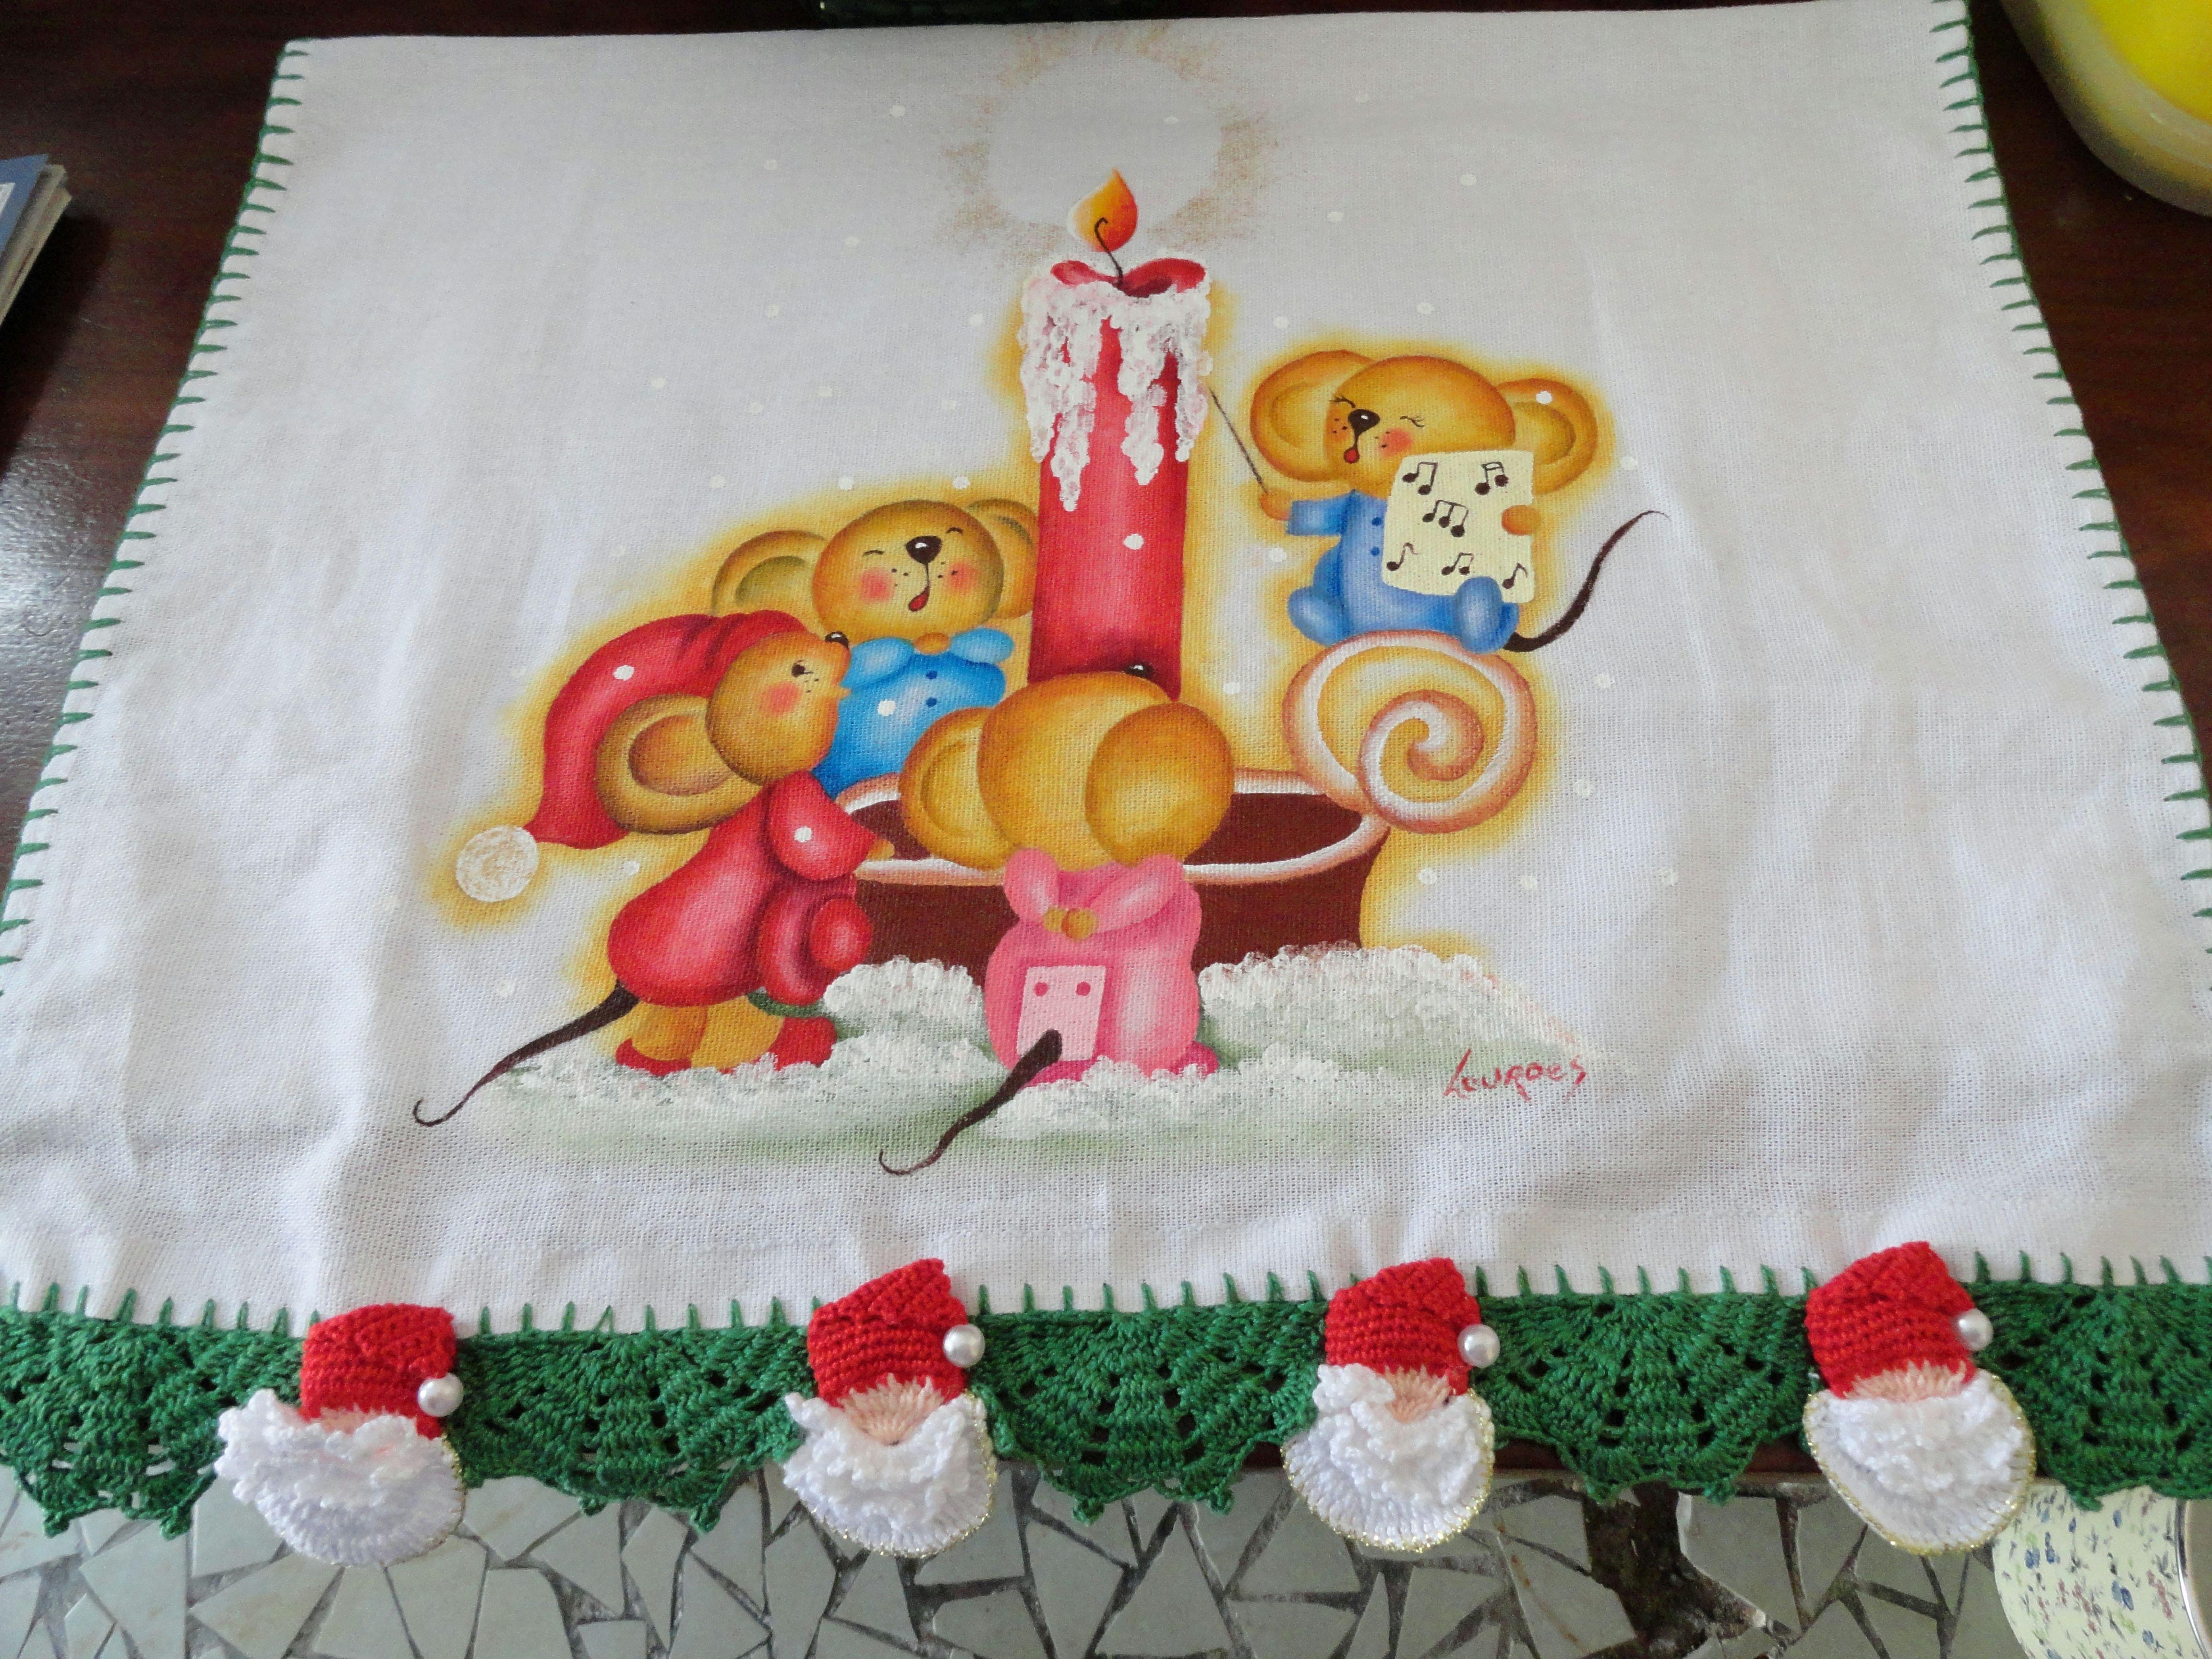 Worksheet. Cmo decorar la cocina en Navidad